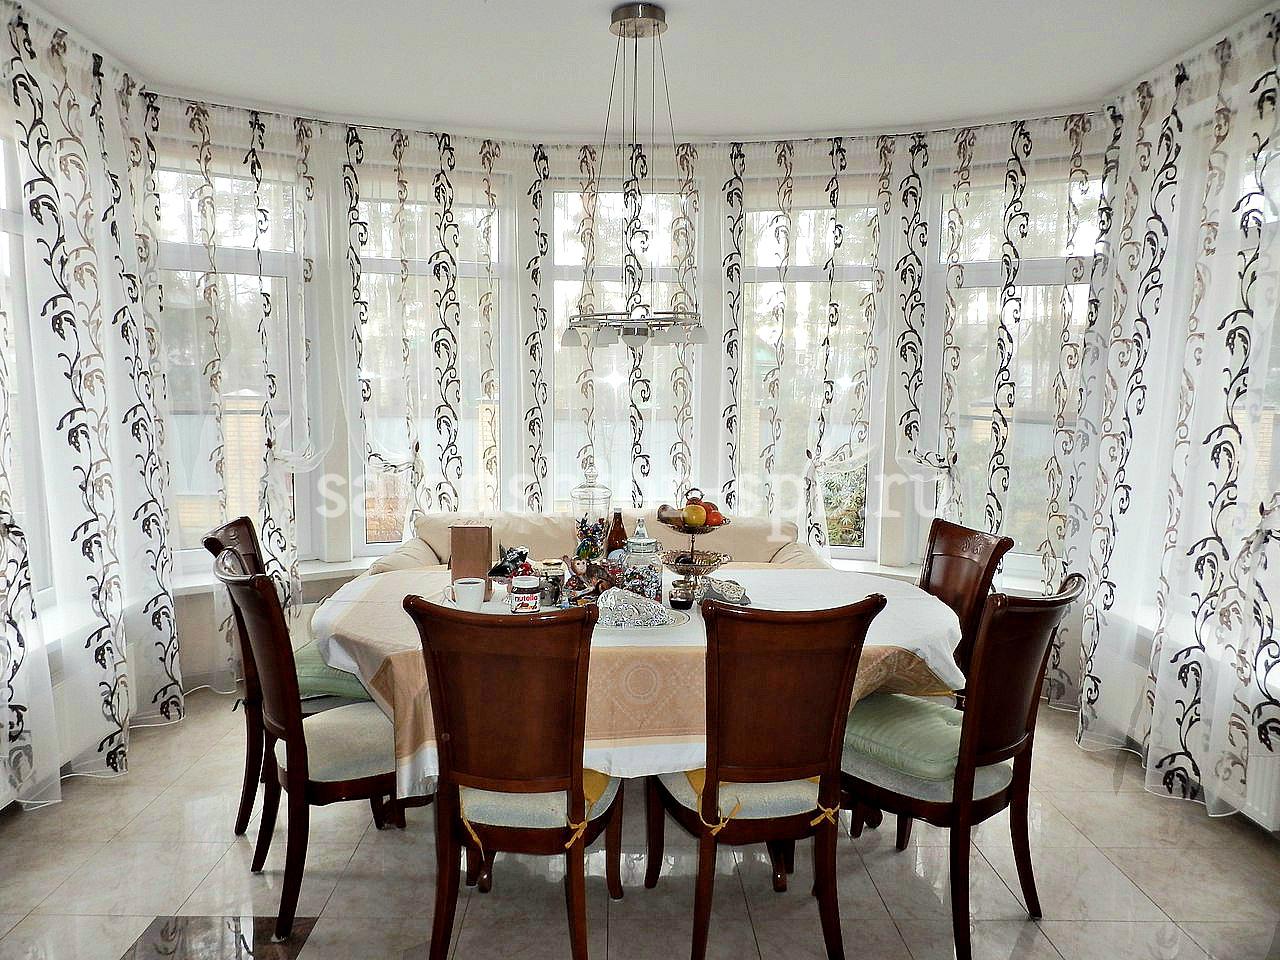 шторы для кухни эркер фото лучший планете